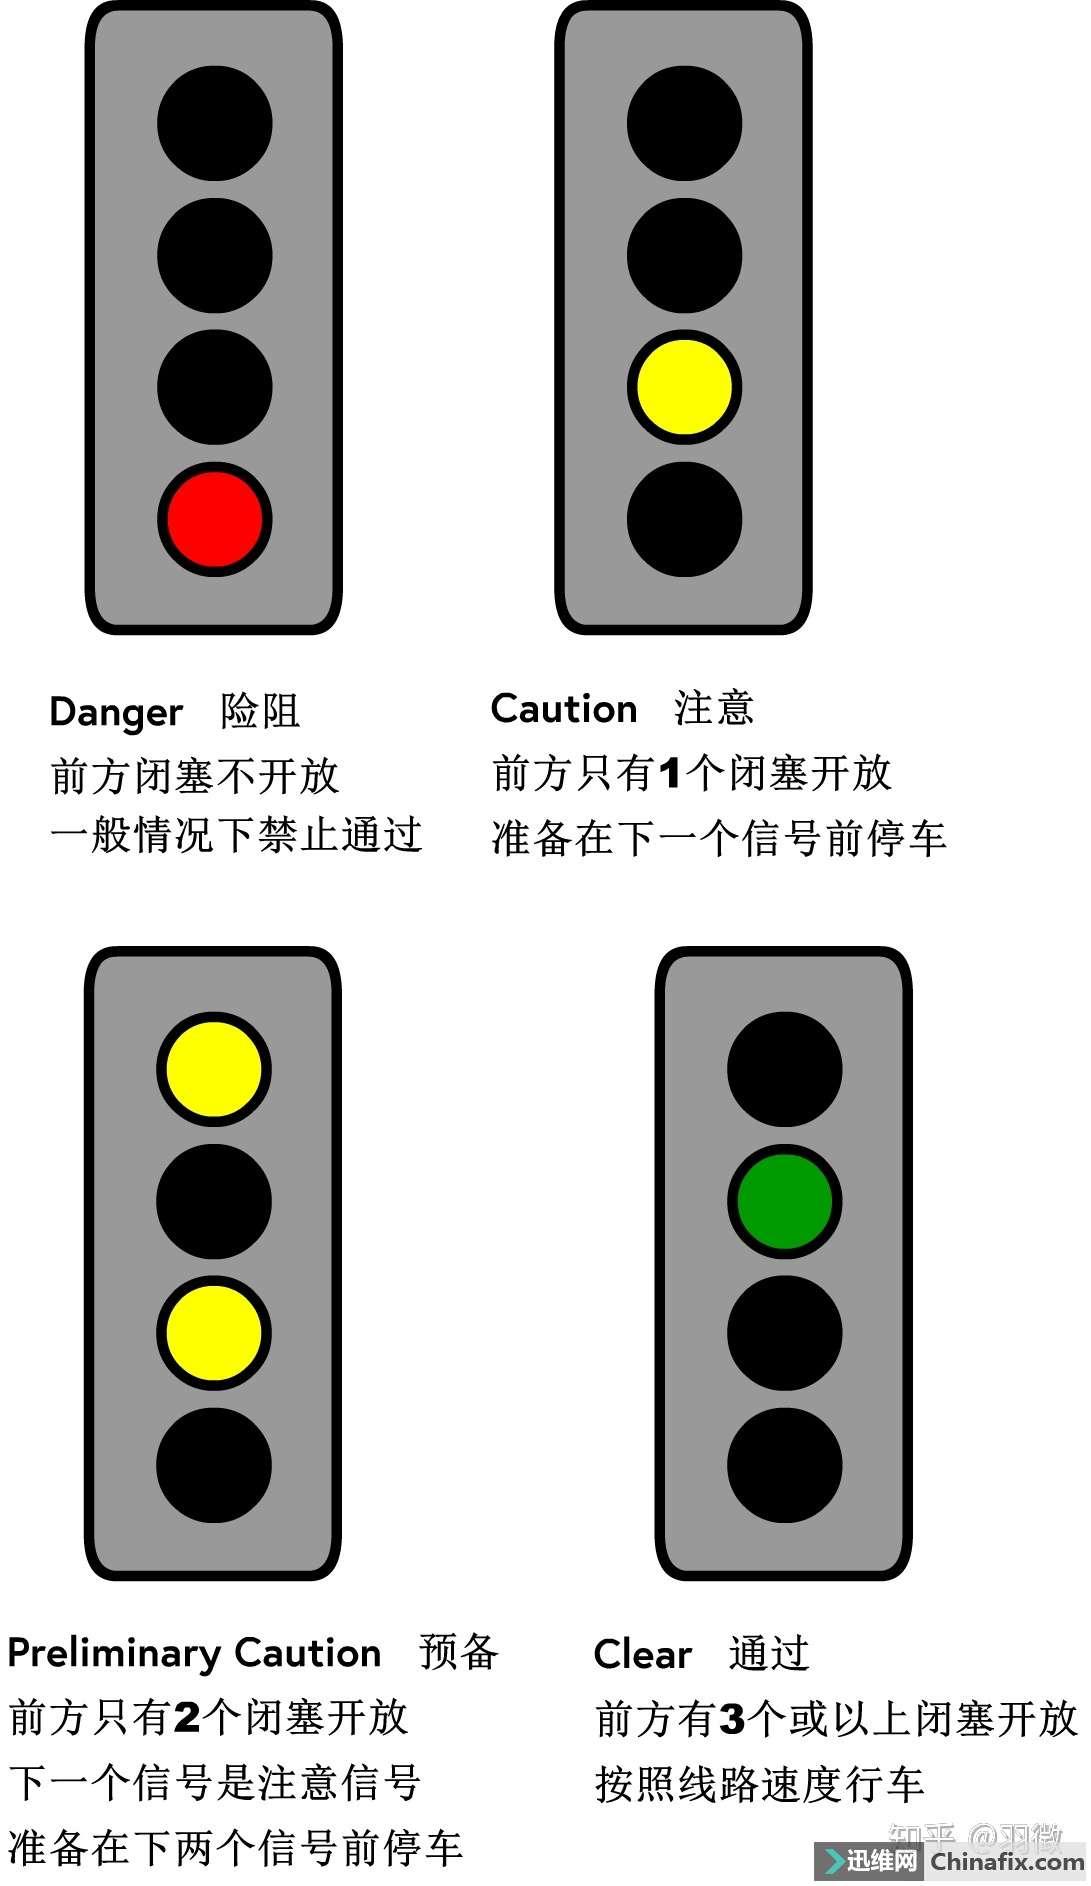 固定闭塞式铁路行车信号之表示意义——兼谈普速线再一次改新信号的必要性